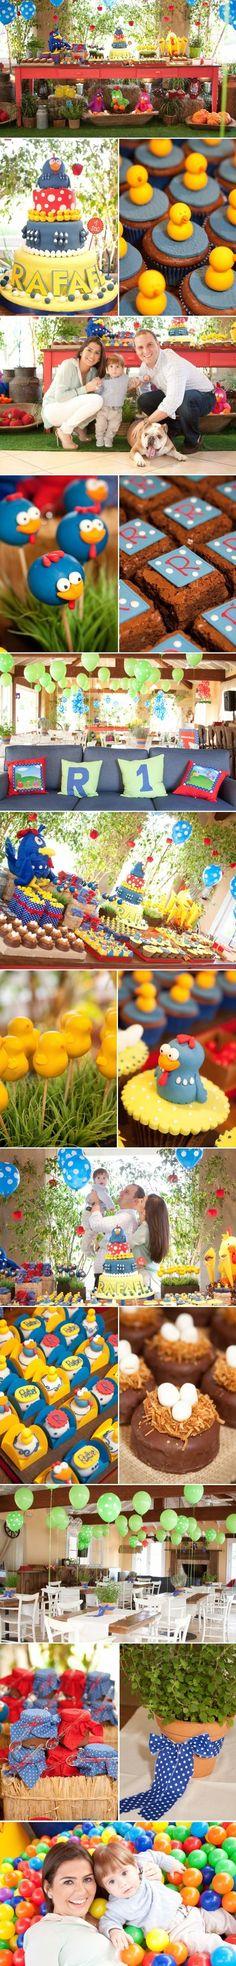 festa-infantil-galinha-pintadinha-saltoaltoemamadeirascombr.jpg 550×4,583 pixels